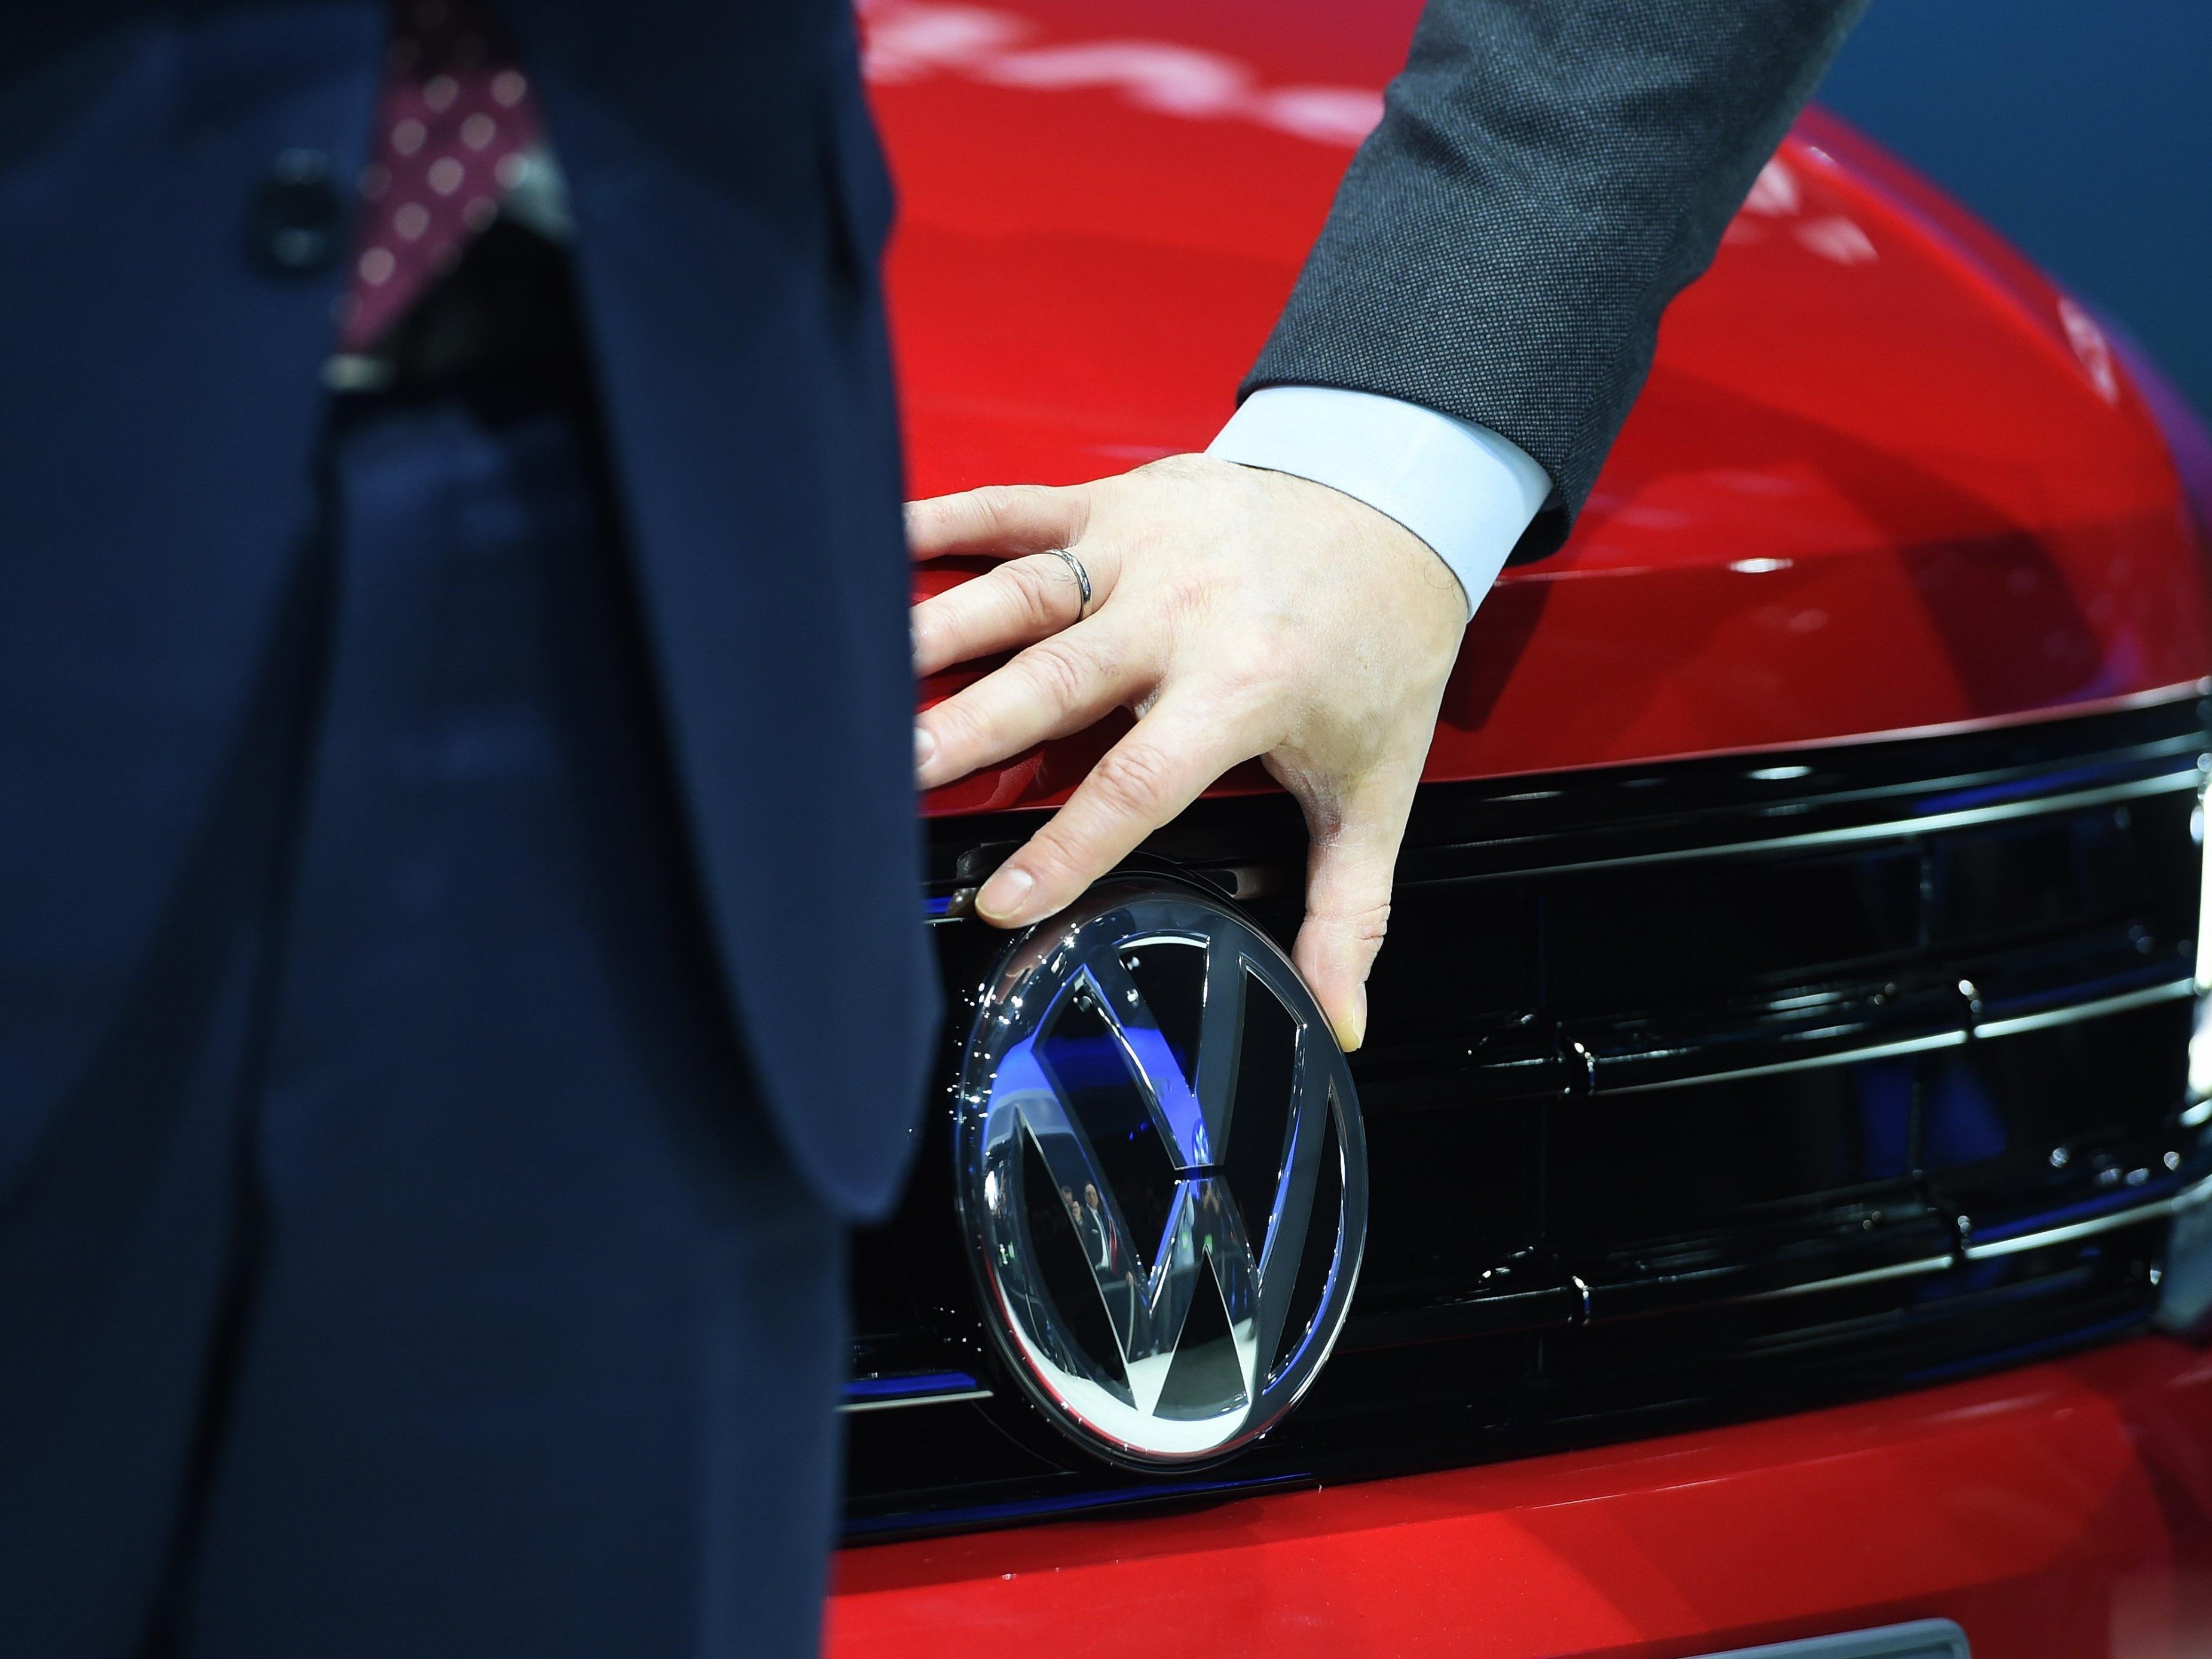 Beim krisengeschüttelten Autokonzern sollen 10.000 Jobs in Gefahr sein - die VW-Spitze dementiert.